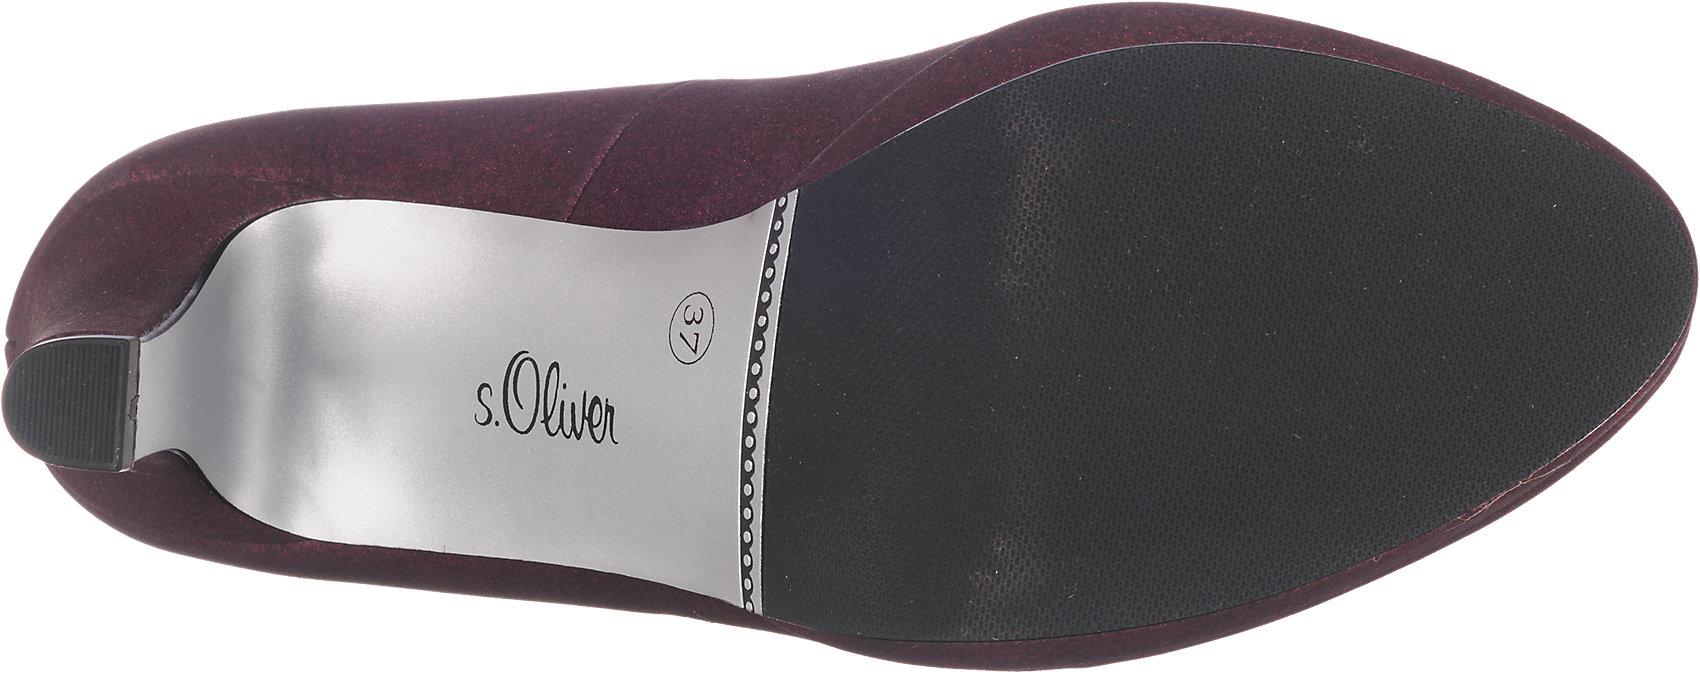 Neu s.Oliver Pumps 5779819 für Damen silber bordeaux | eBay